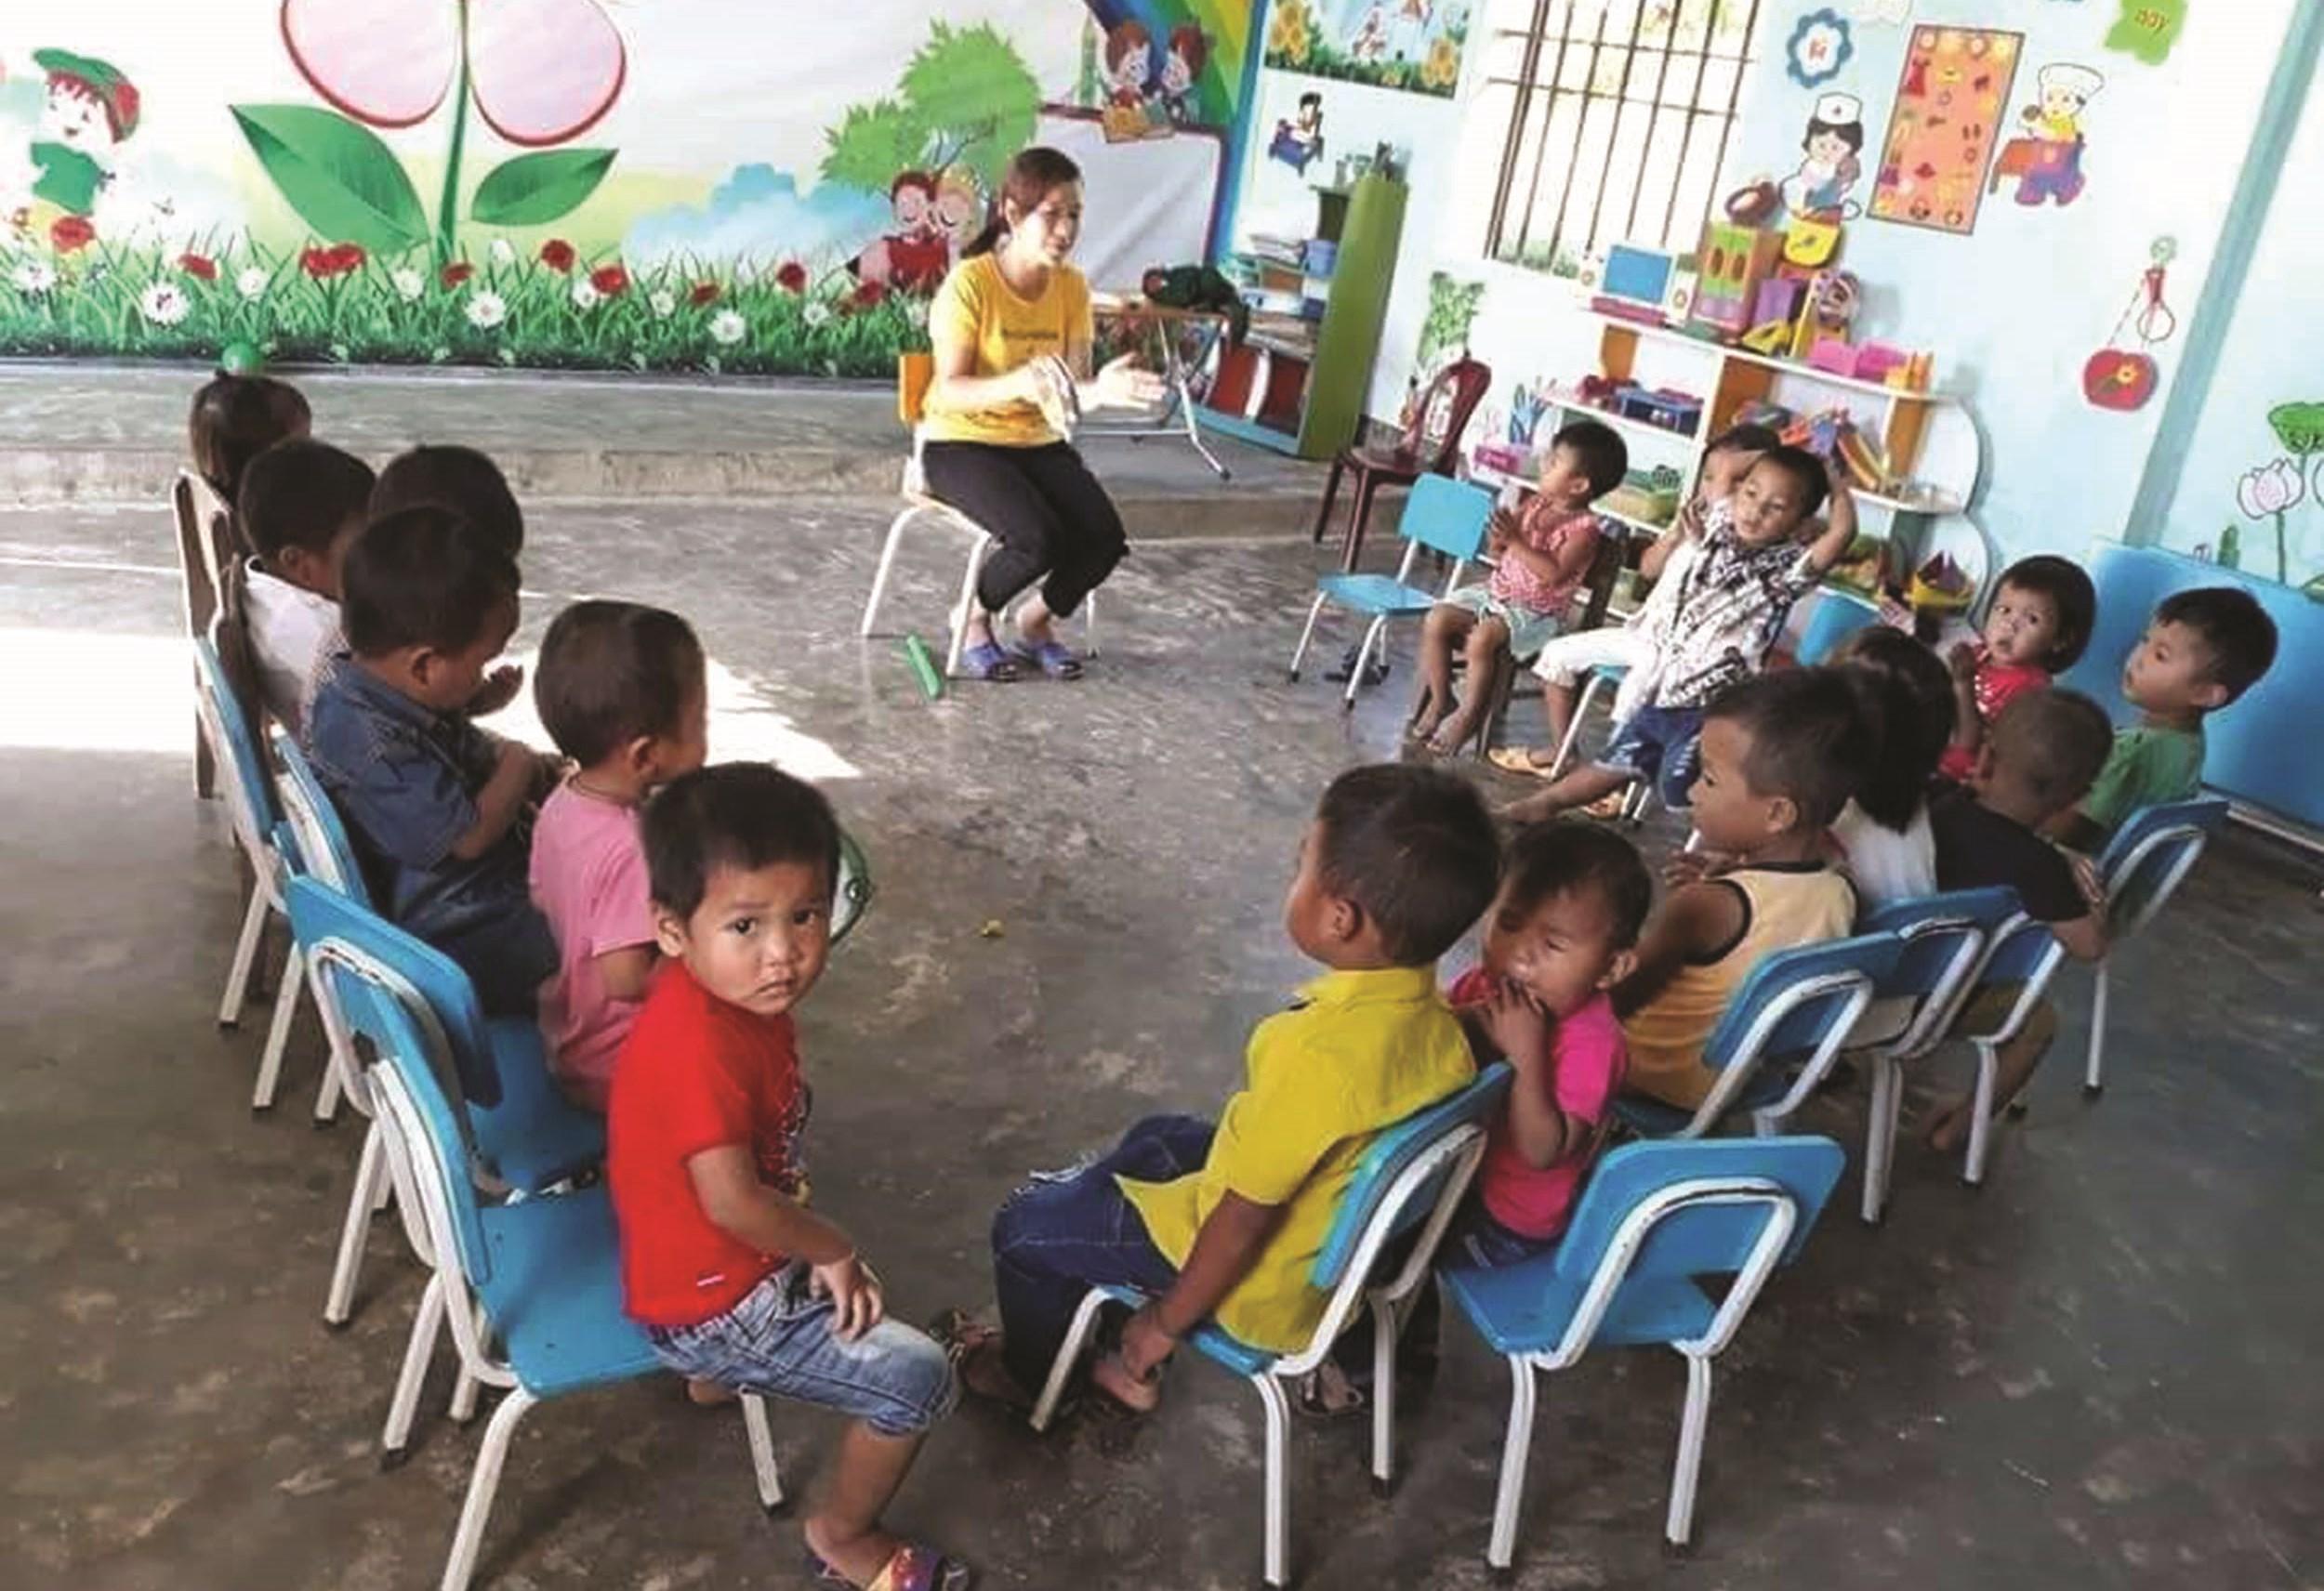 Cô giáo Trần Thị Thu Phương ân cần dạy dỗ các em học sinh dân tộc Chứt, bản Rào Tre